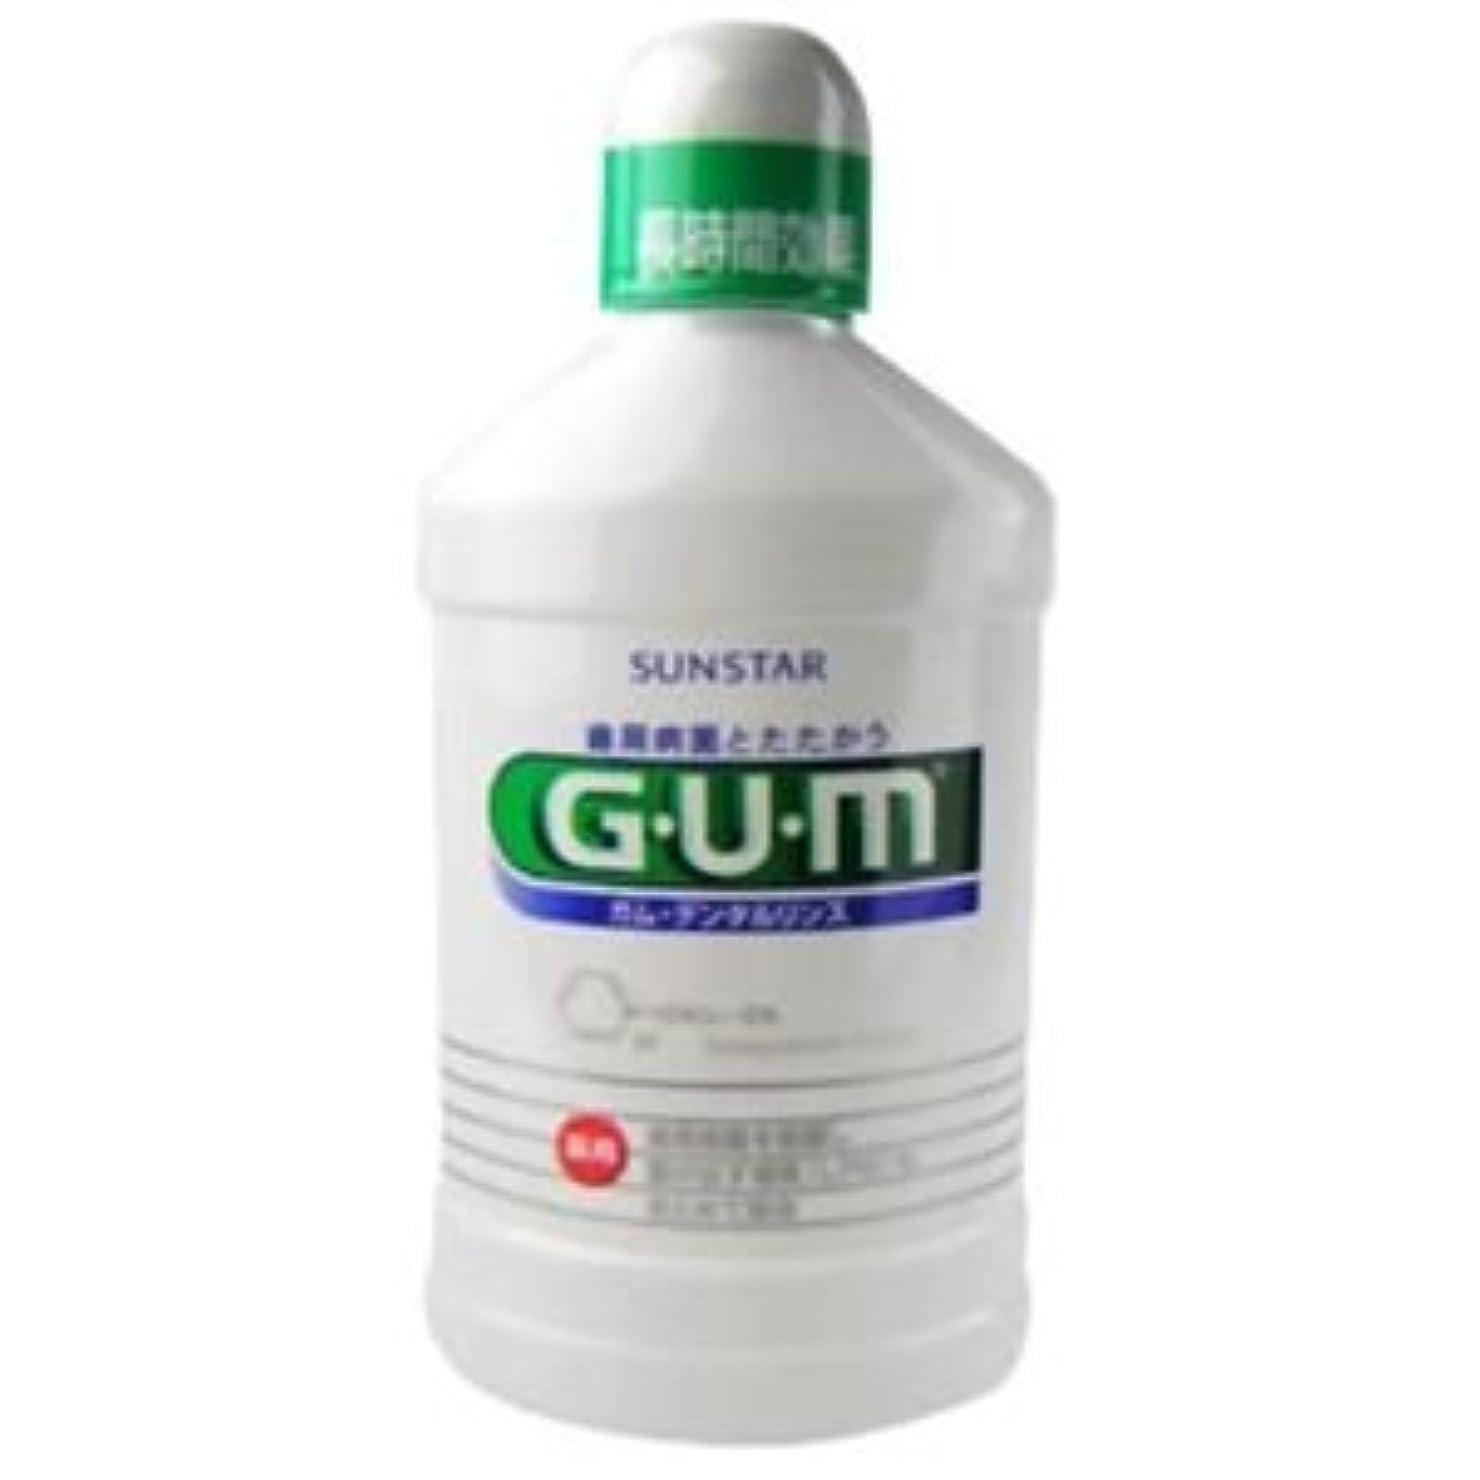 滝ラビリンス膜GUM(ガム) 薬用 デンタルリンス レギュラータイプ 500ml 7セット